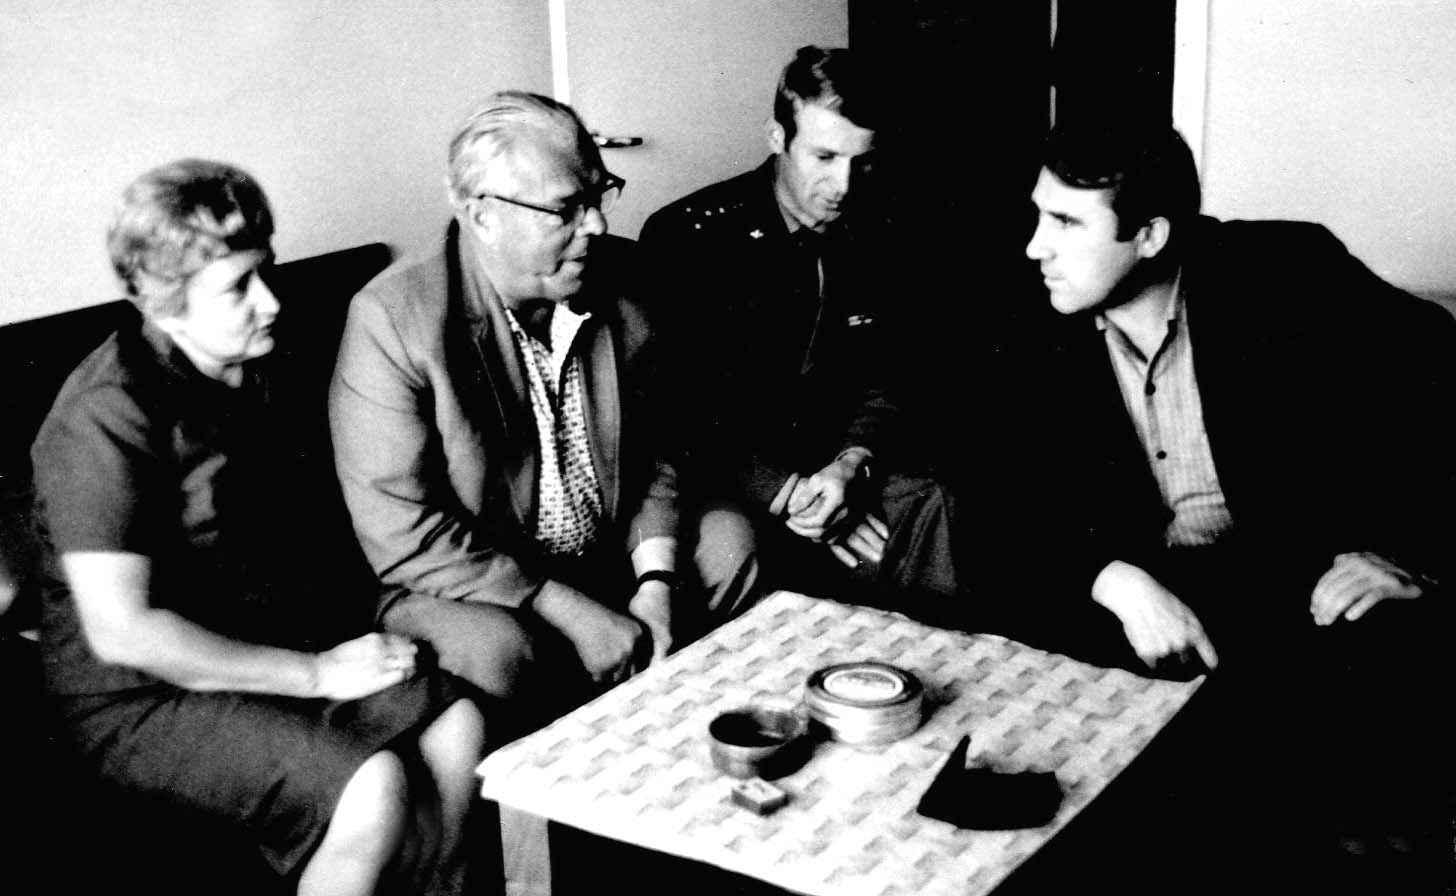 Экспонат #61. С Маей Поповой и Маратом Захаровым. 60-е годы